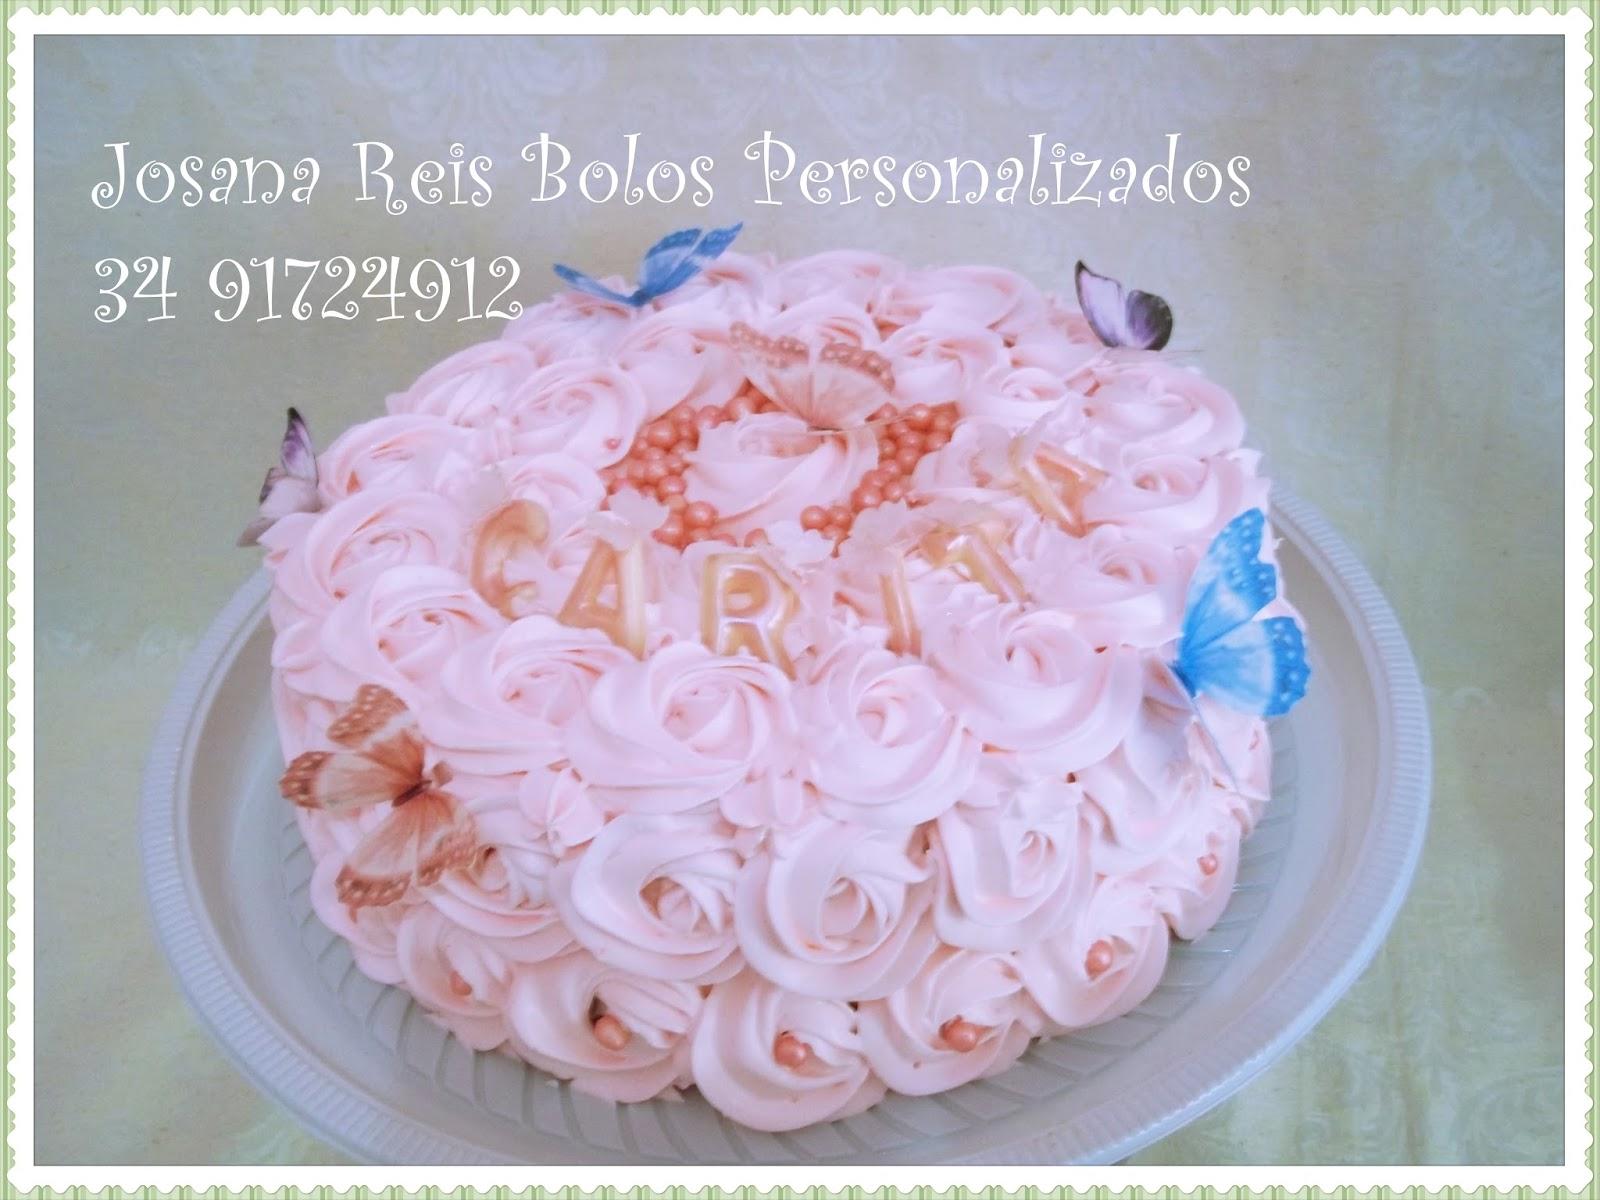 Josana reis confeitaria artstica bolo rosas em chantilly com bolo rosas em chantilly com borboletas altavistaventures Image collections